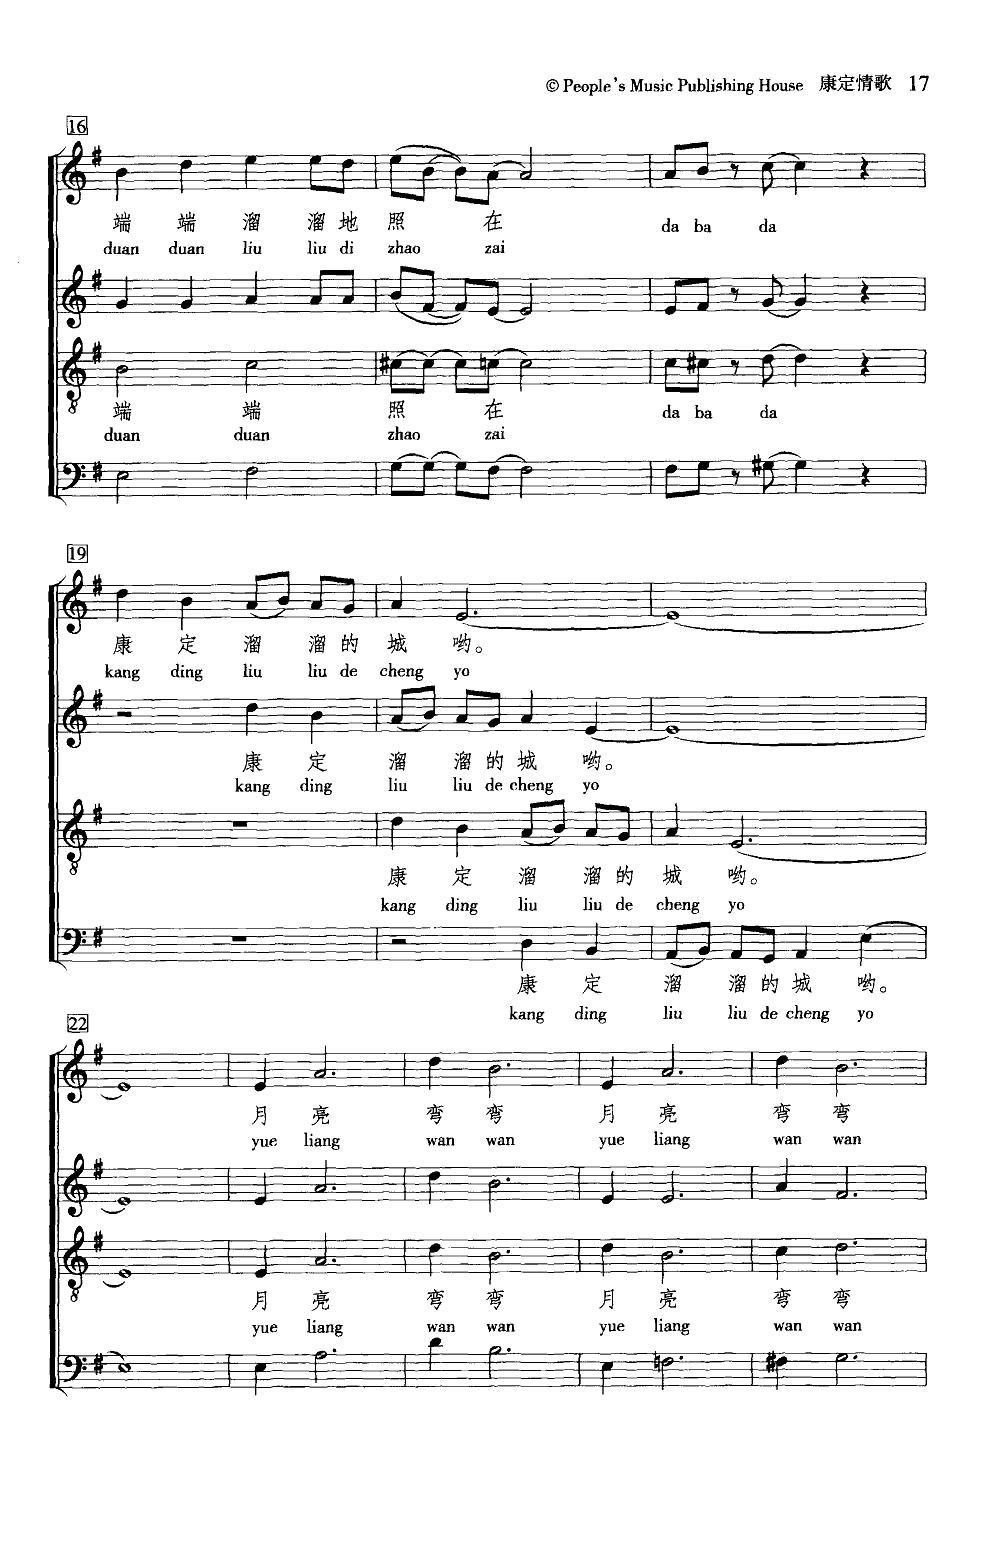 康定情歌(合唱)(线谱)其他曲谱